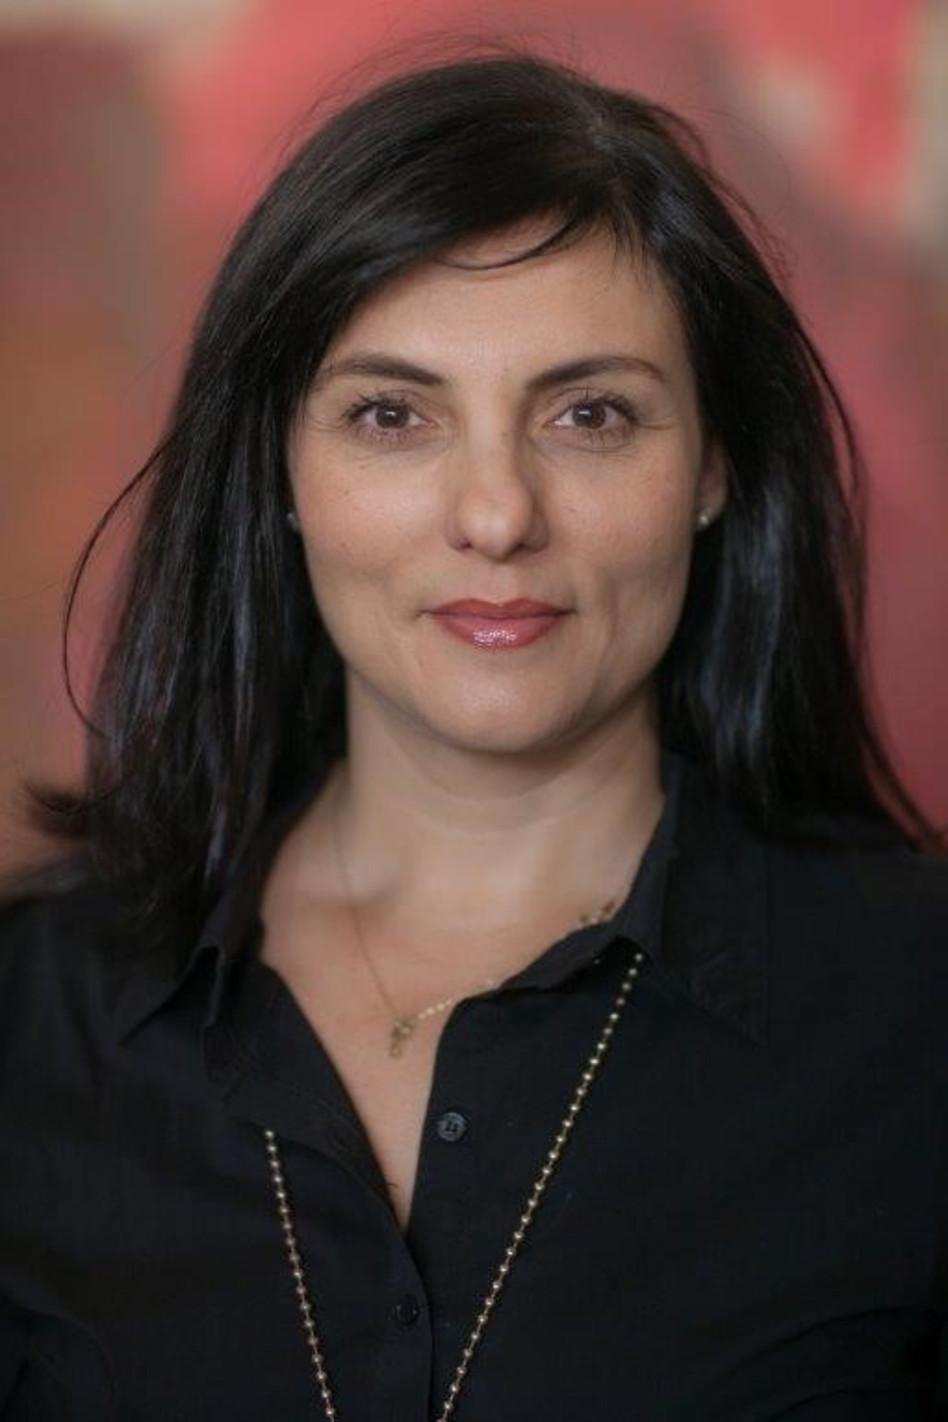 סטלה קרויף (צילום: אילן ספרא)